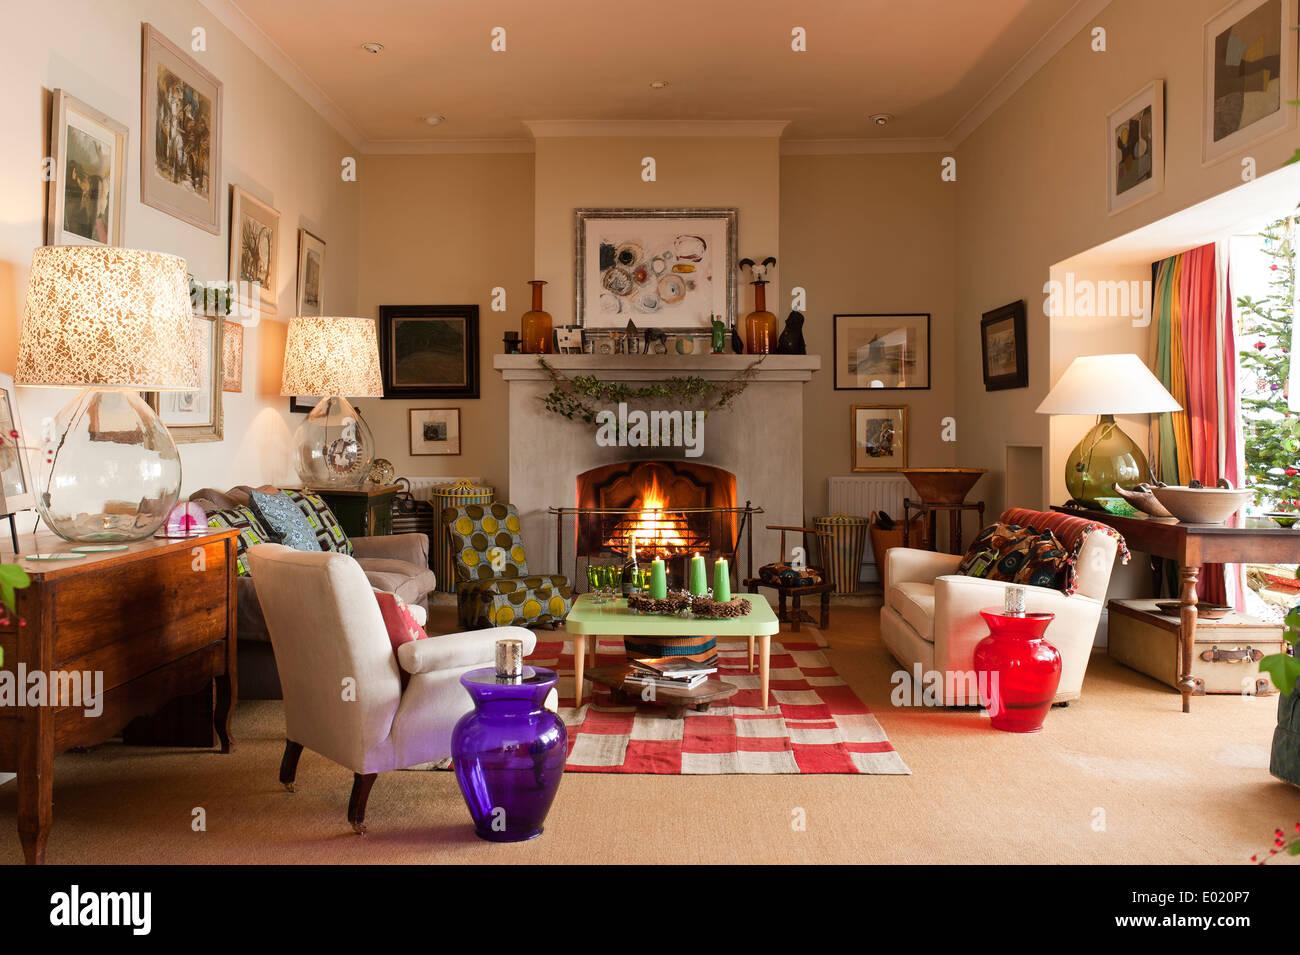 Salle de séjour décorée pour Noël Photo Stock